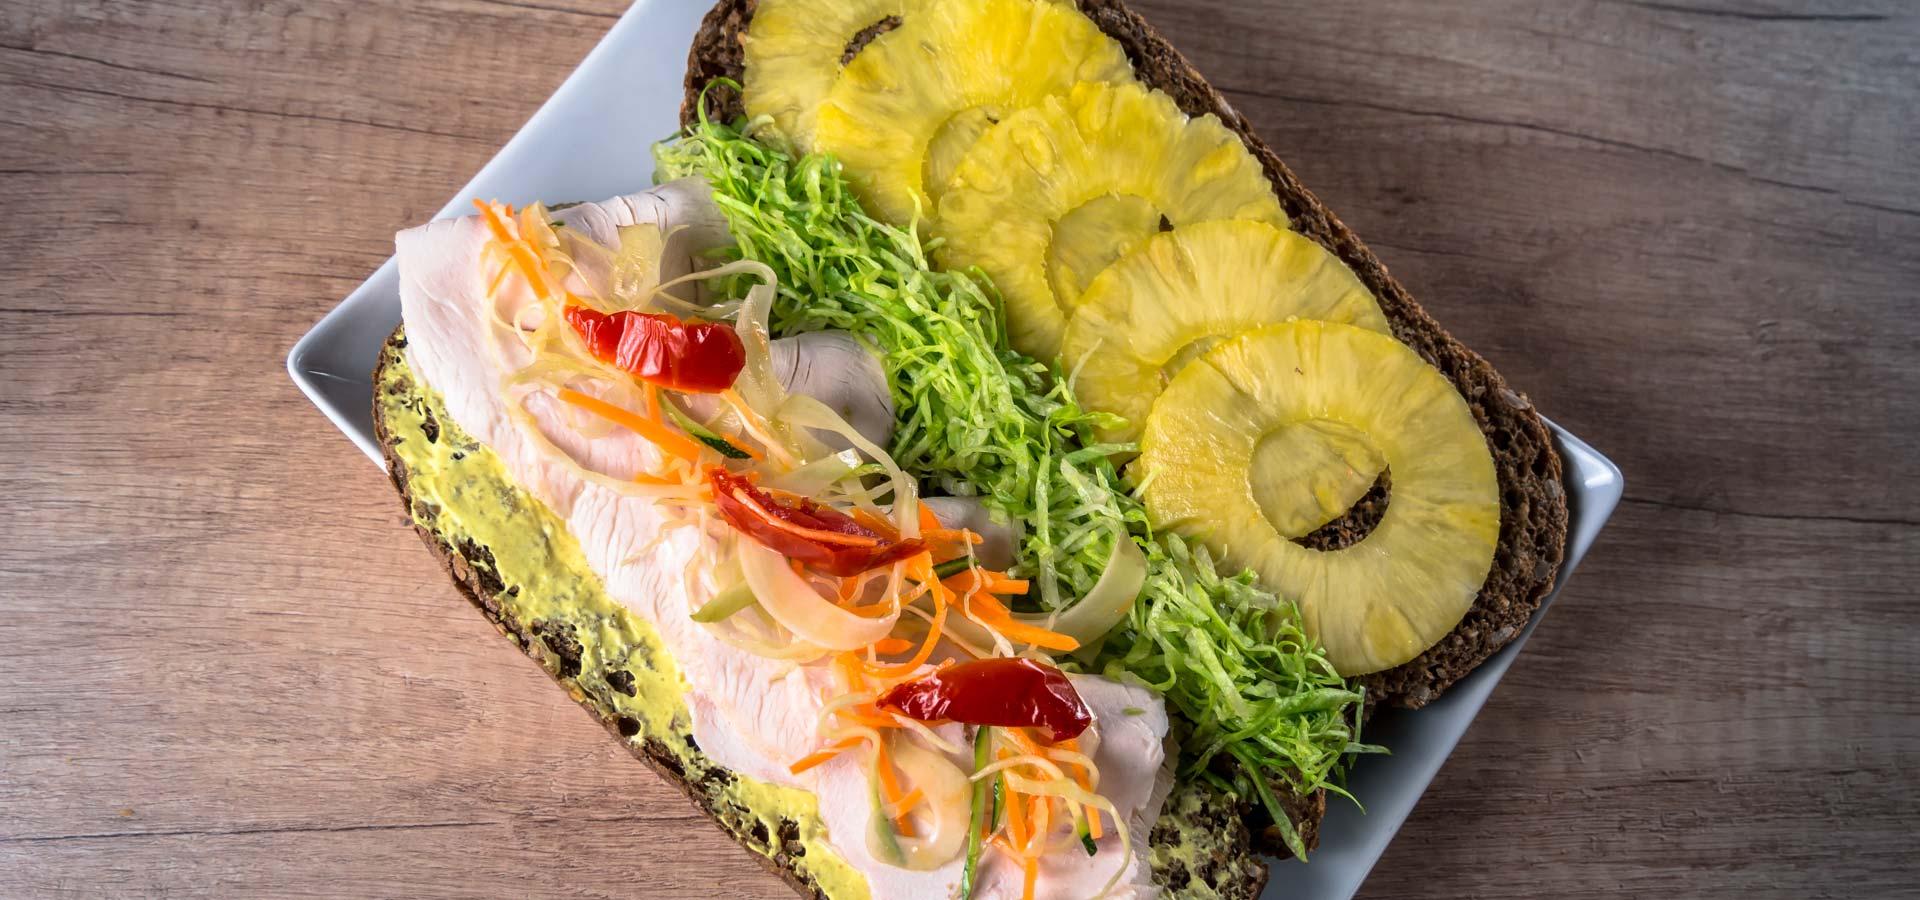 sandwich-complet-fait-maison-rennes